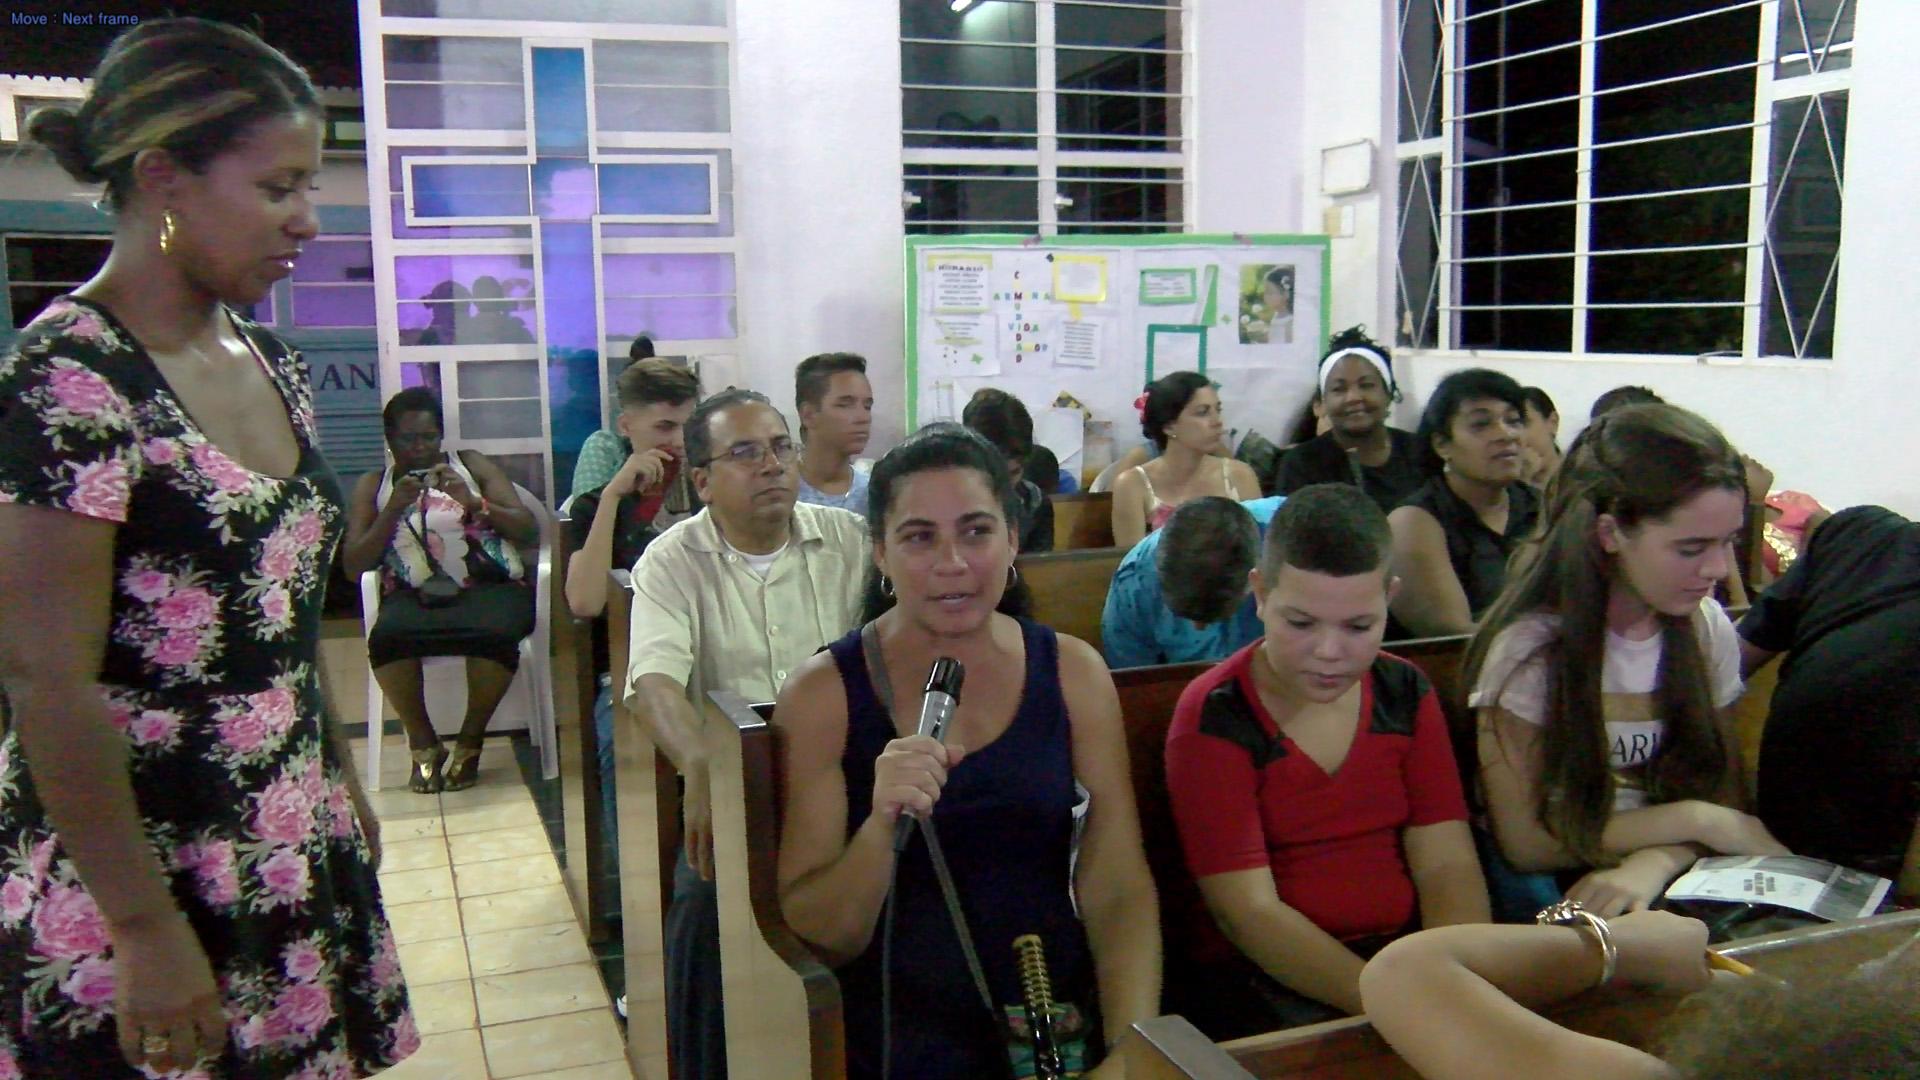 Valia Solis Peraza, coordinadora de la Psicopastoral en el CCRD-C, facilita el debate después de la representación teatral en Los Arabos